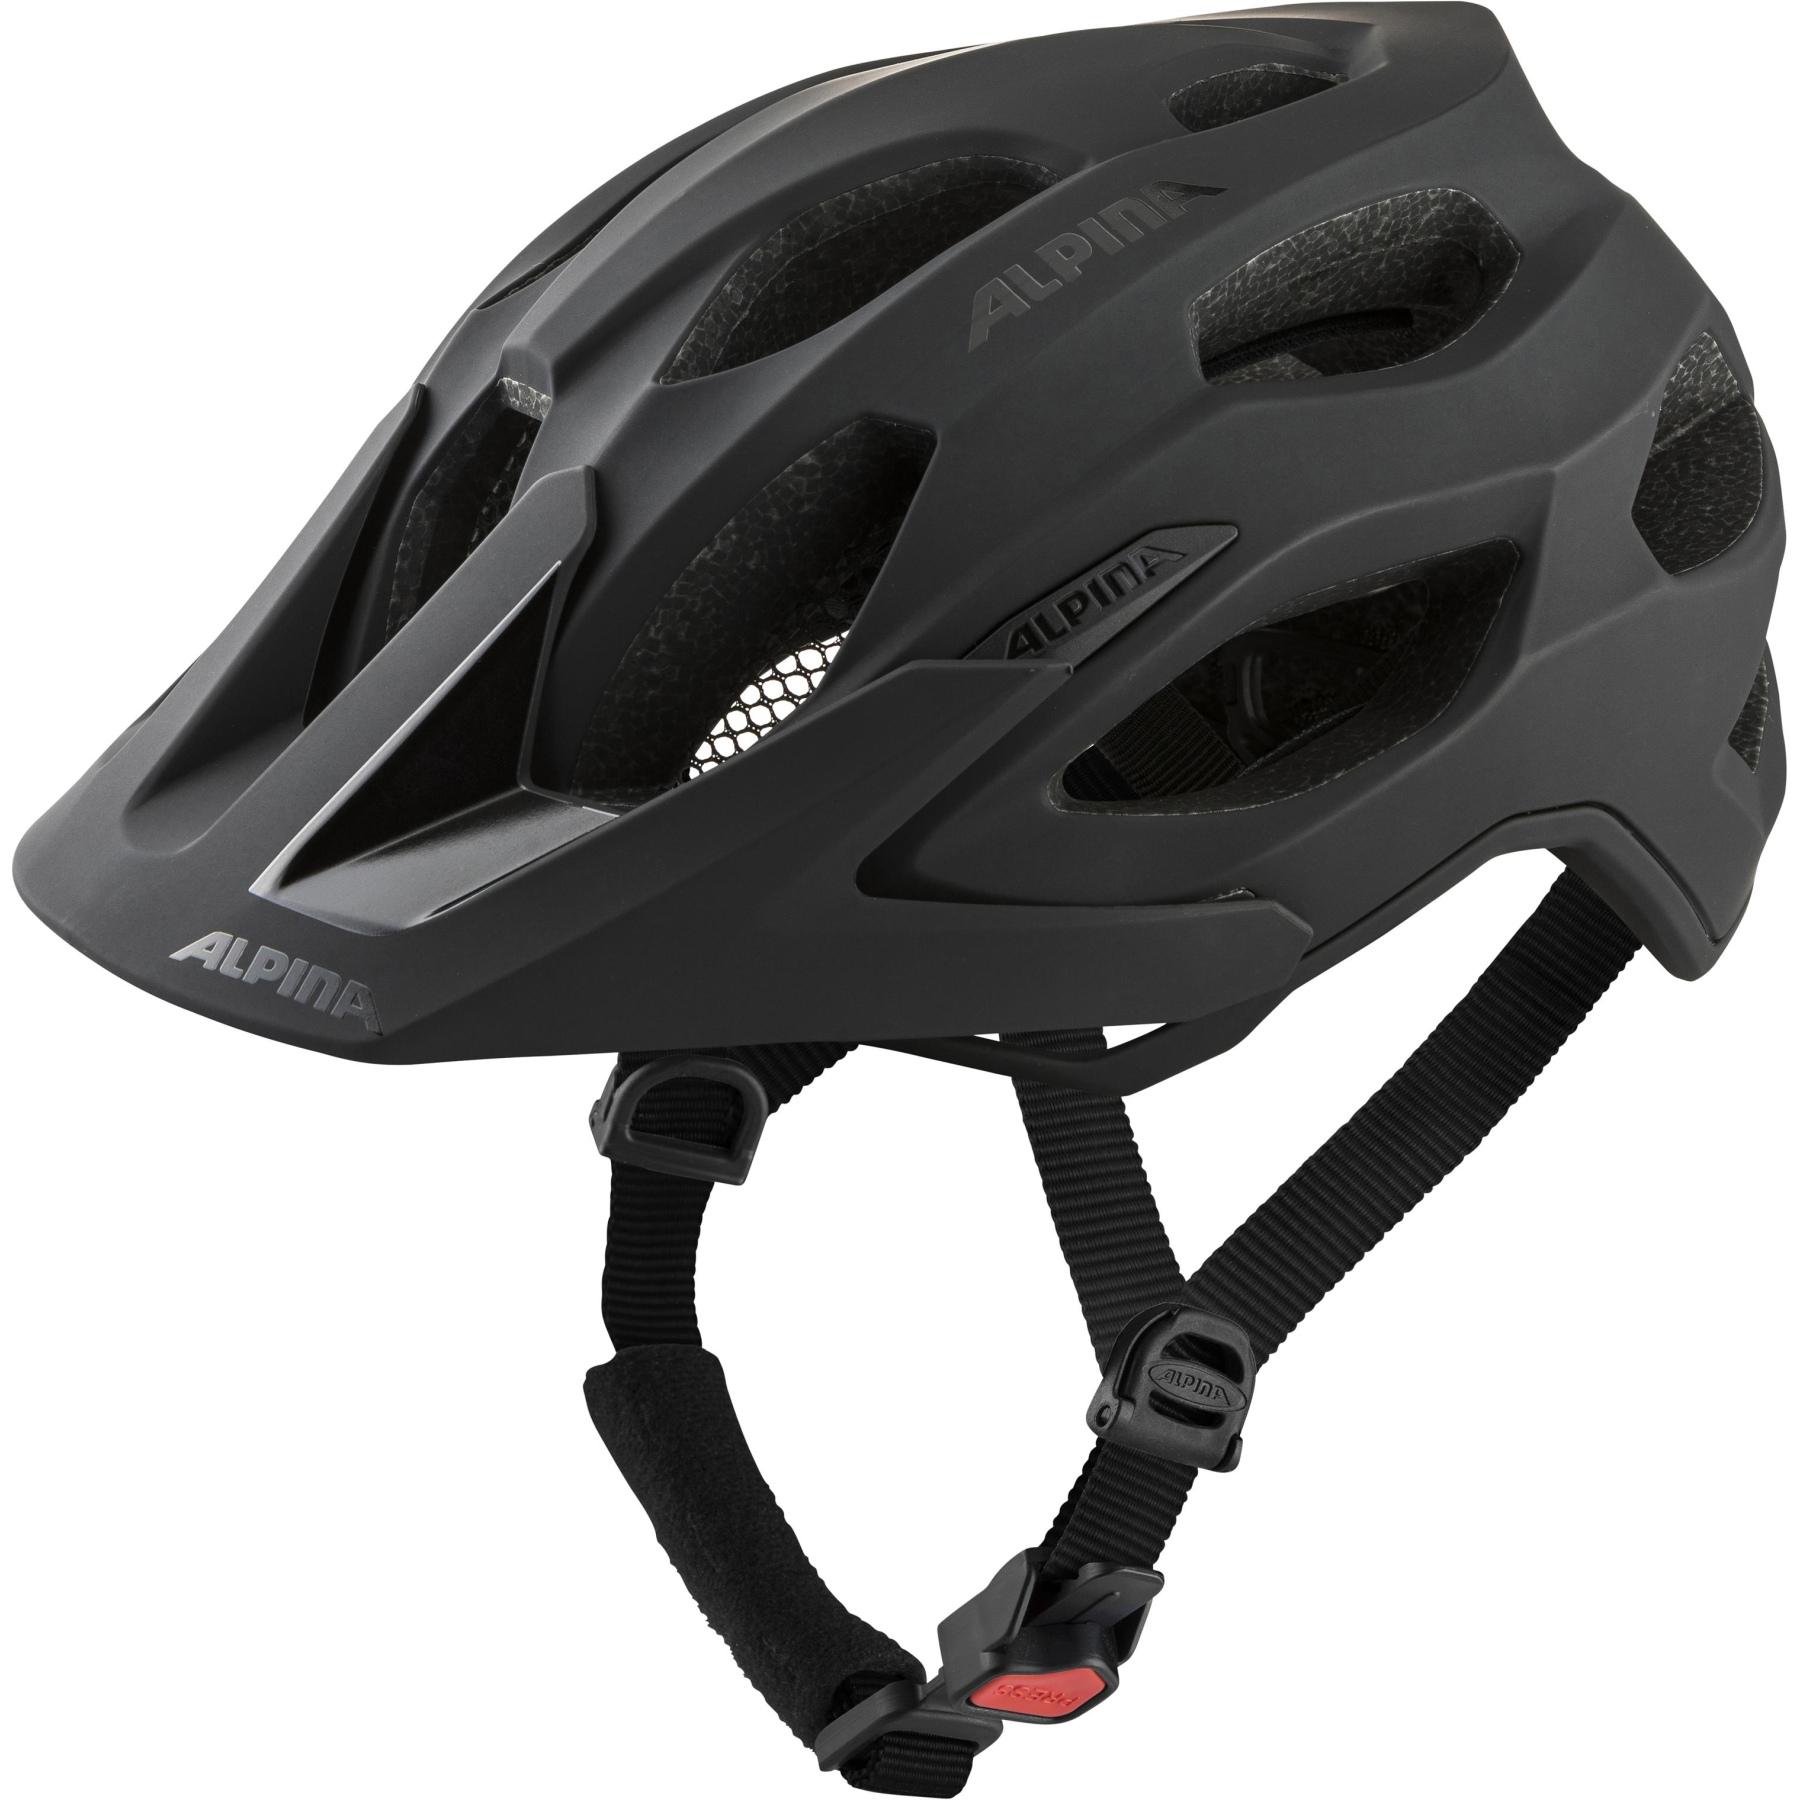 Image of Alpina Carapax 2.0 Helmet - black matt